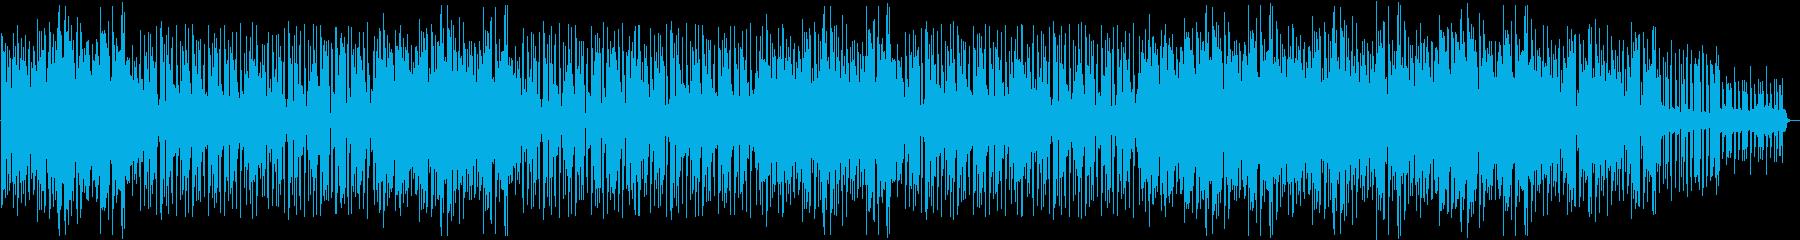 ヒップホップの影響を受けやすい簡単...の再生済みの波形